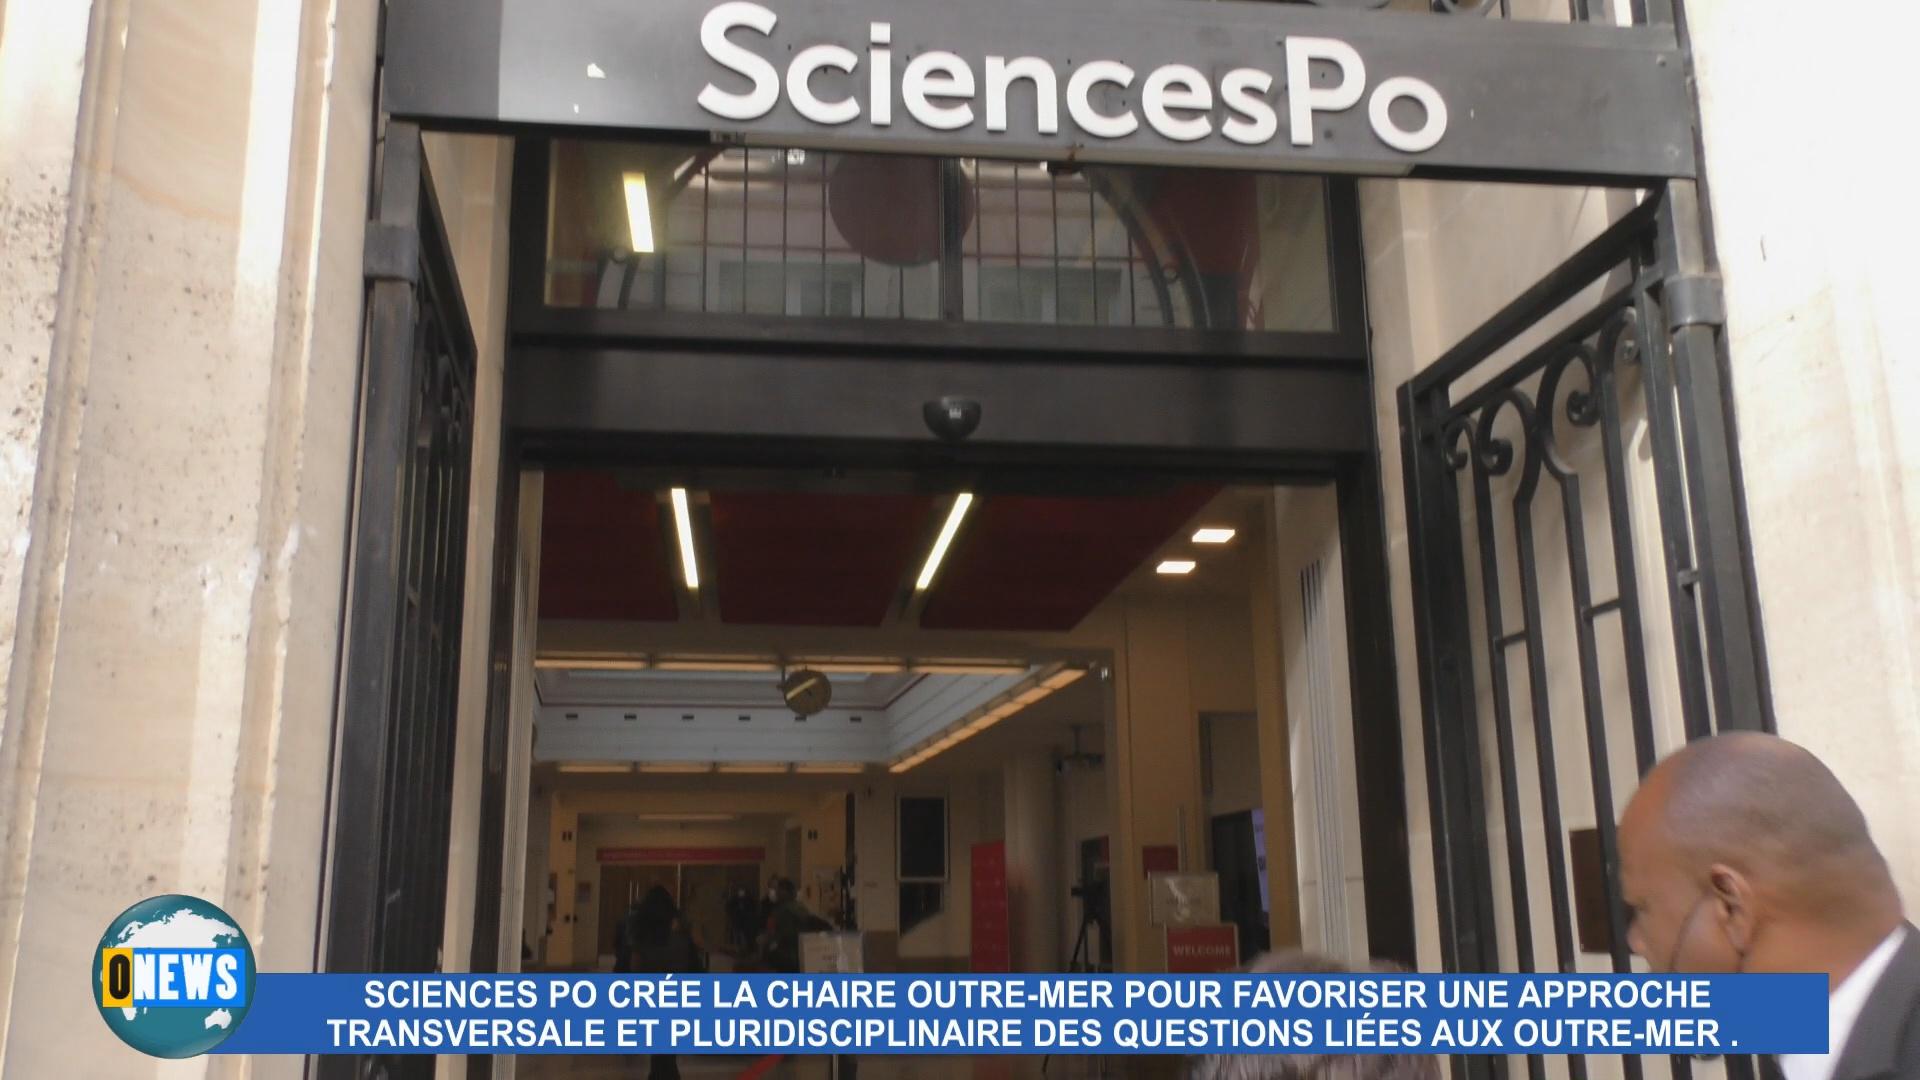 [Vidéo] Hexagone. Conférence inaugurale à Paris de la Chaire Outre mer instituée par Sciences Po.